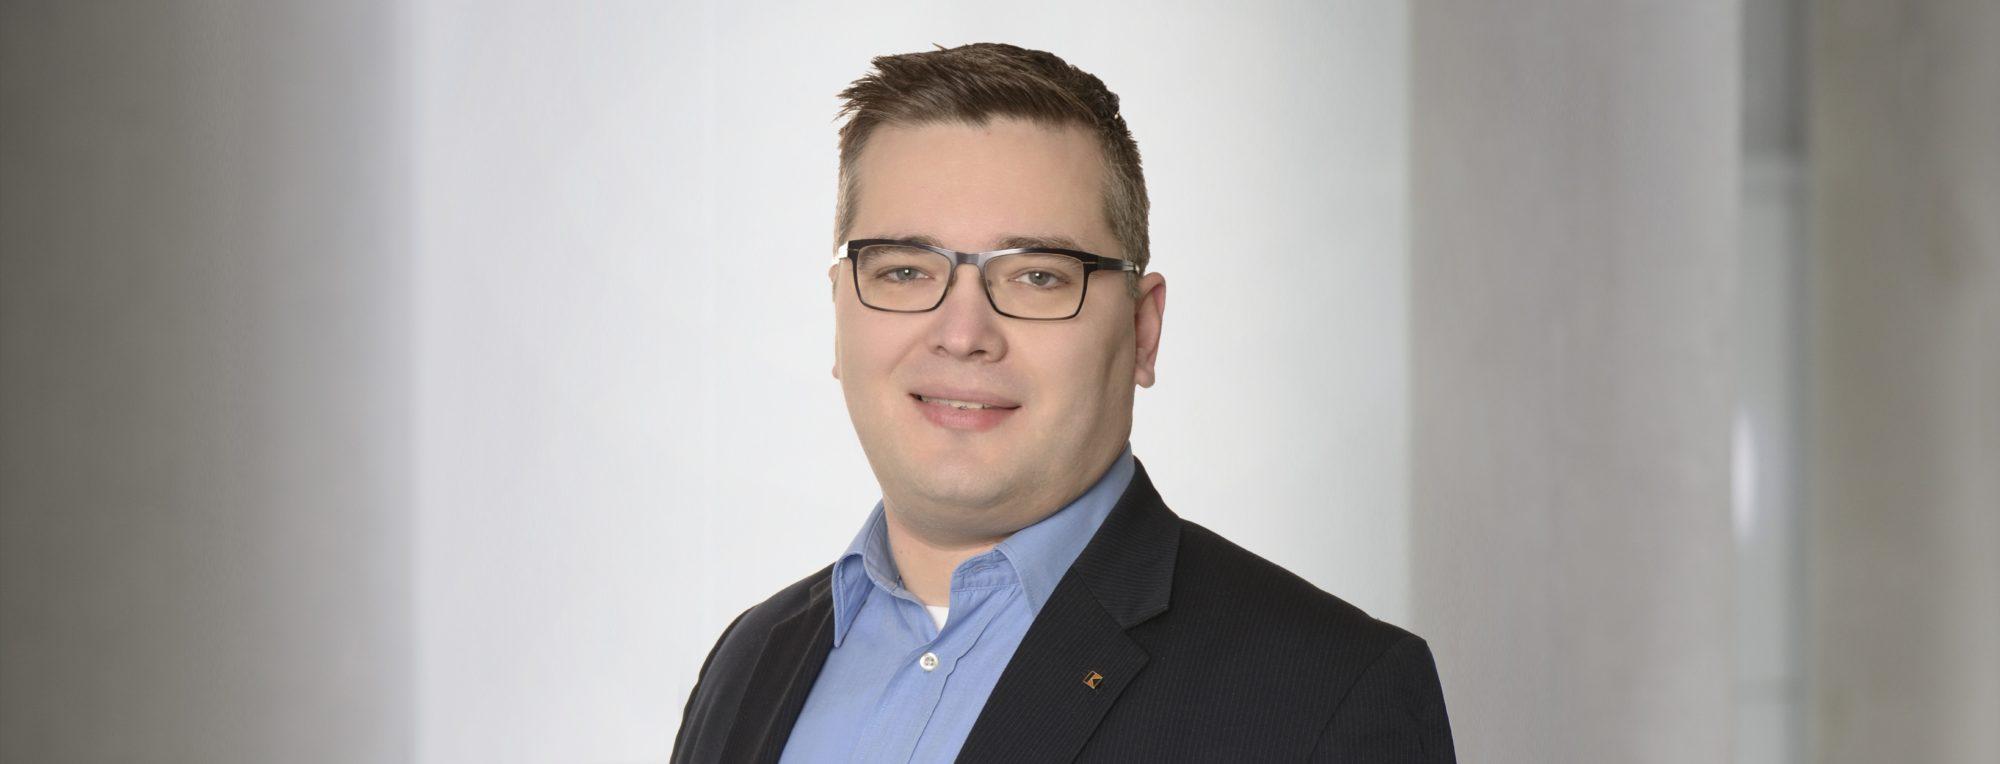 Patrick Lindthaler